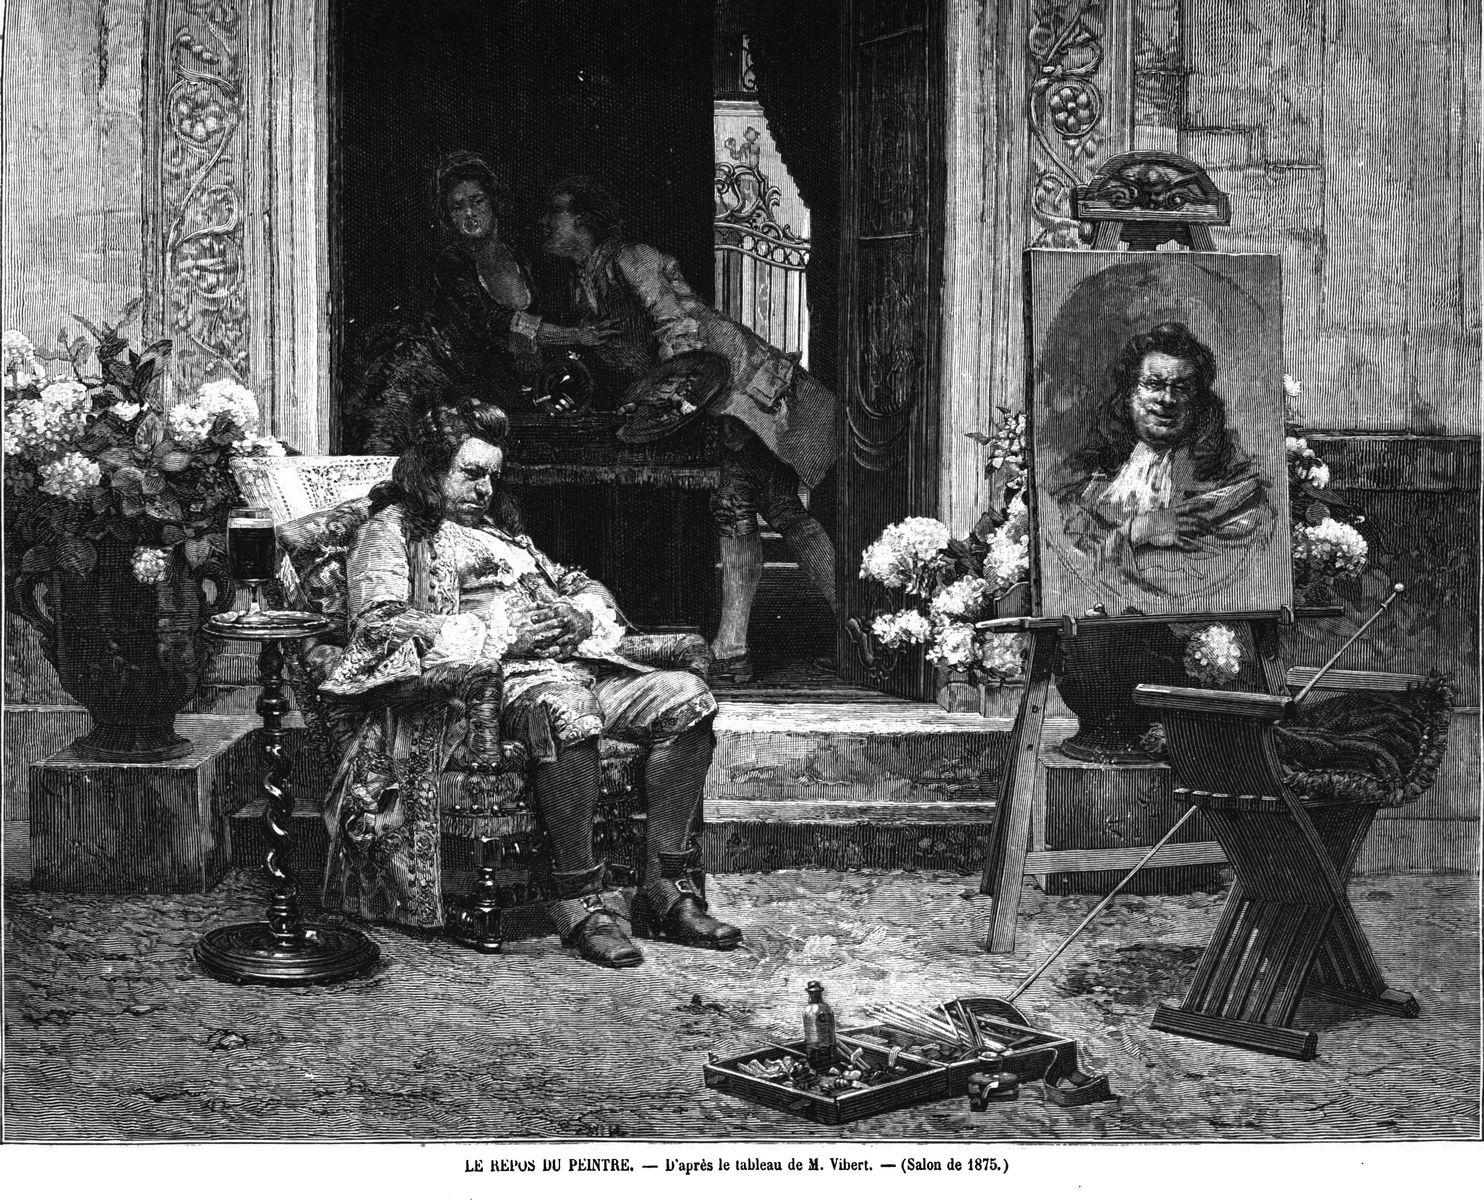 Le repos du peintre, d'après le tableau de M. Vibert. 1875